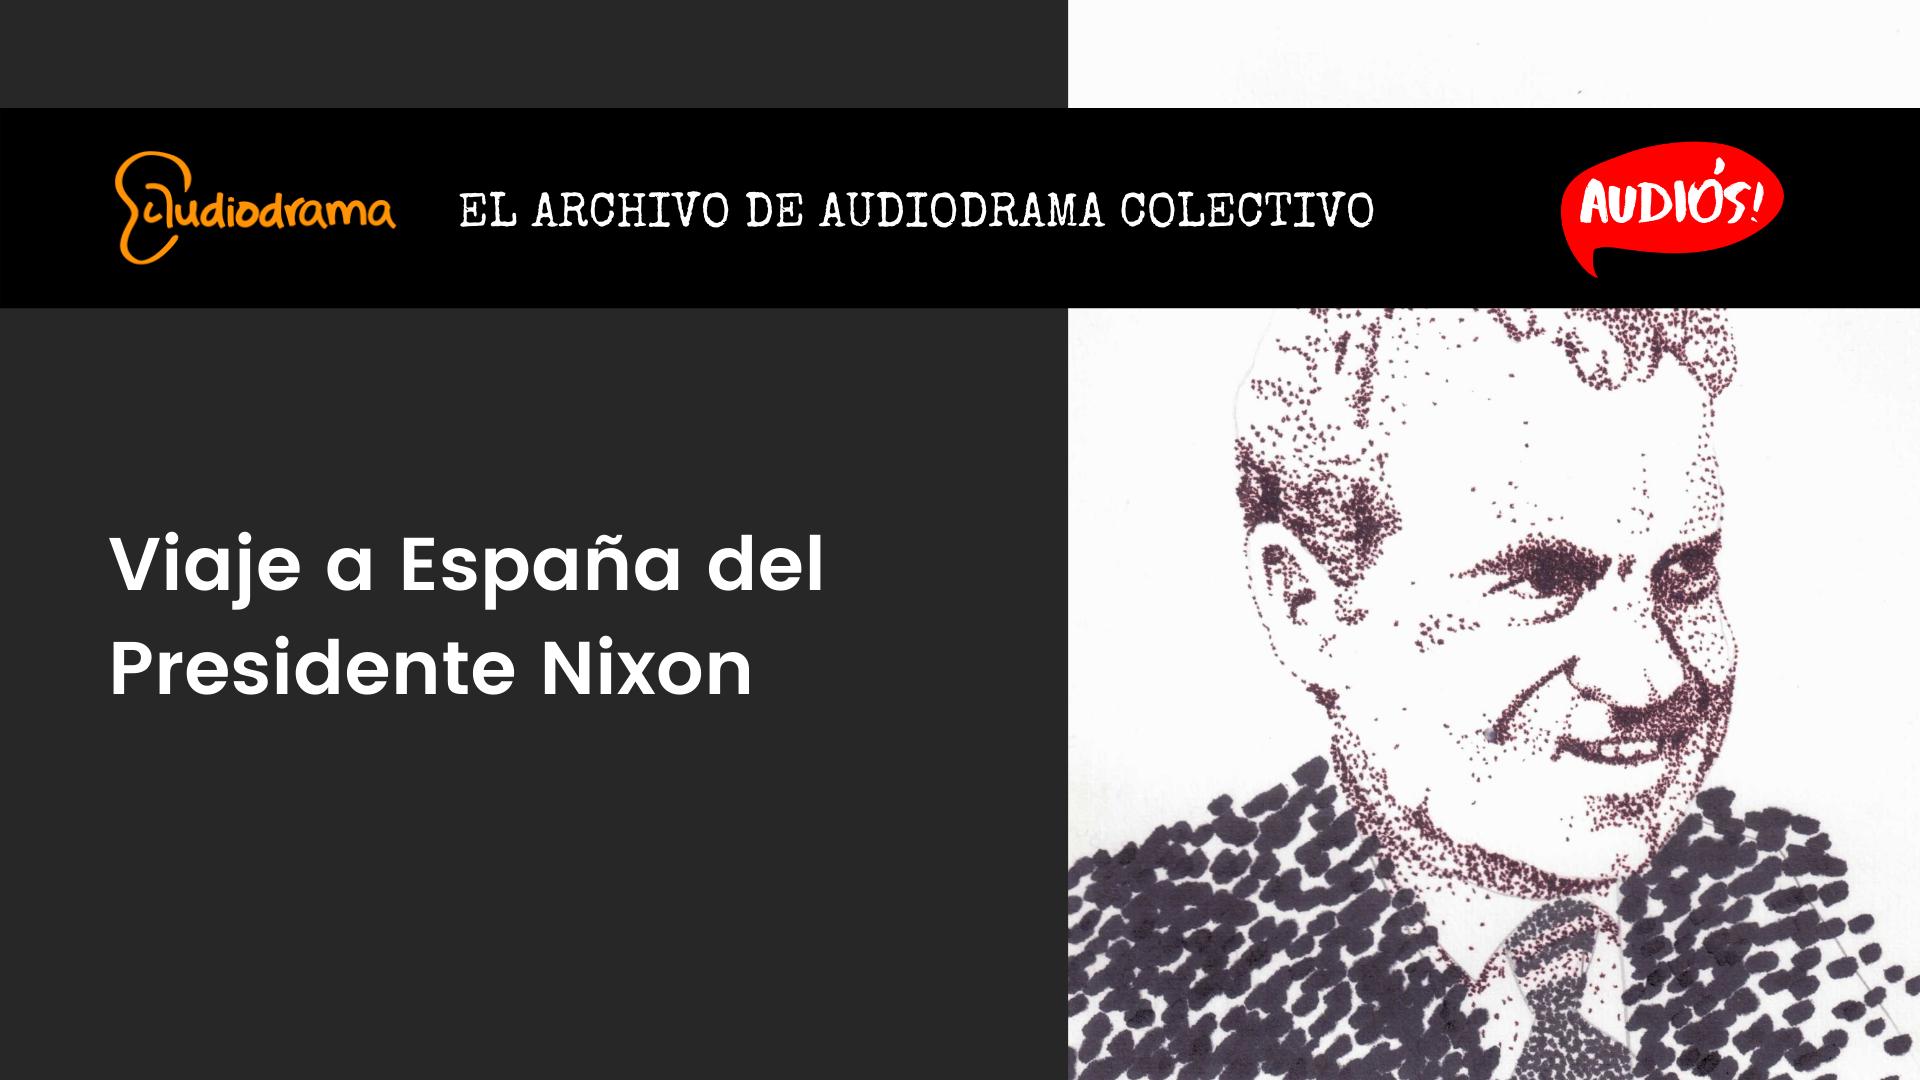 VIAJE A ESPAÑA DEL PRESIDENTE NIXON